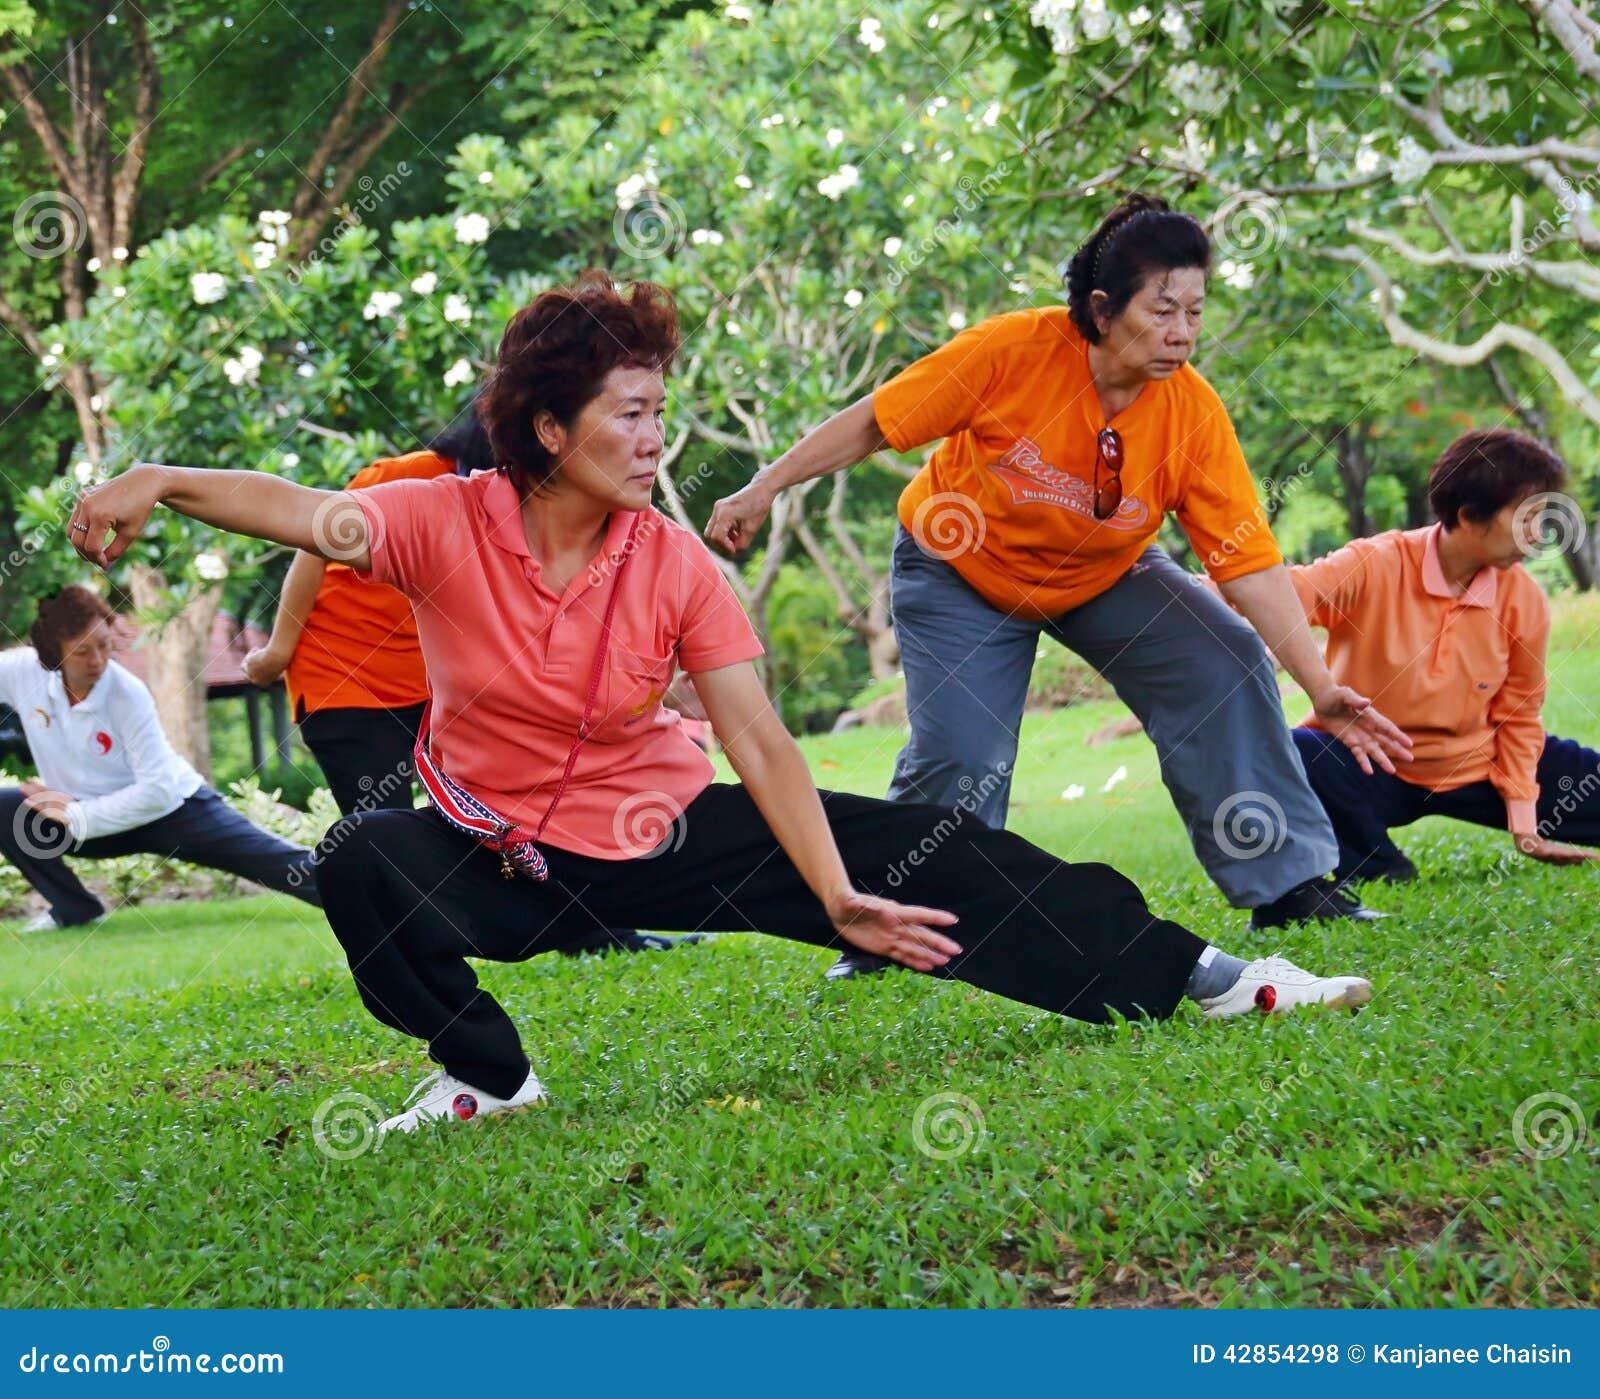 nakkeost asia thai wellness